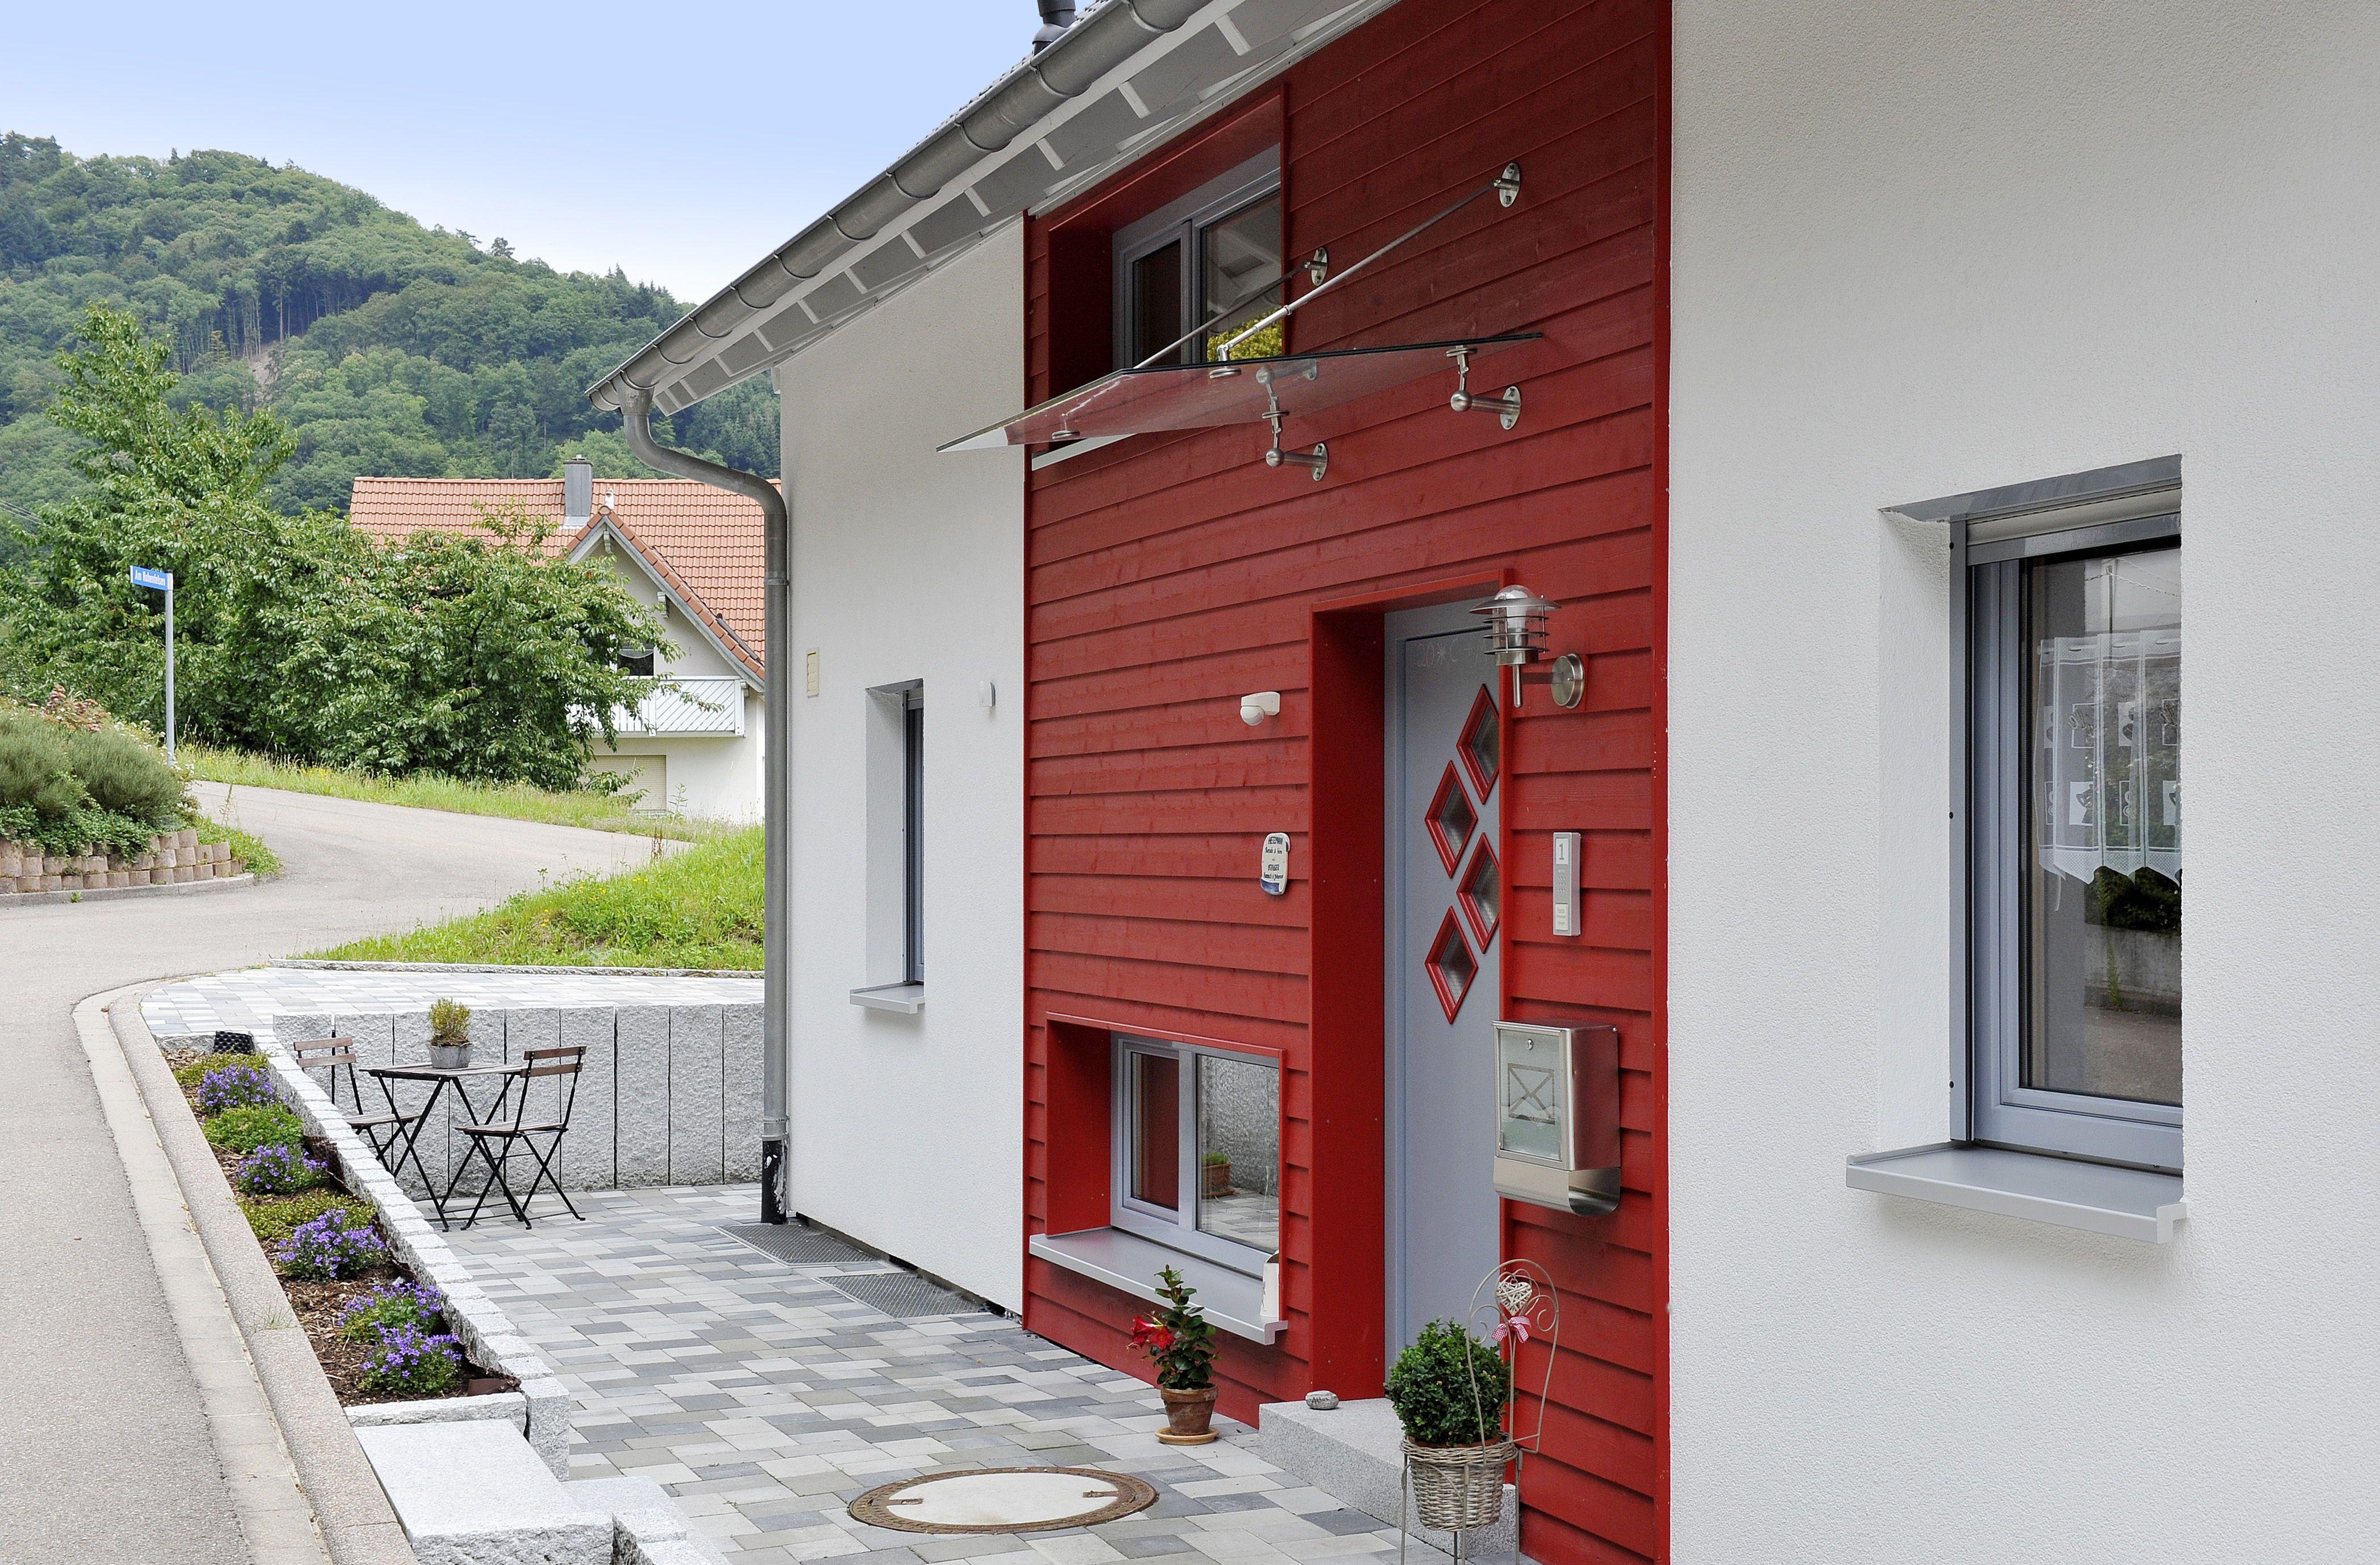 Hauseingang aussen mit Vordach & Stufen Architektur